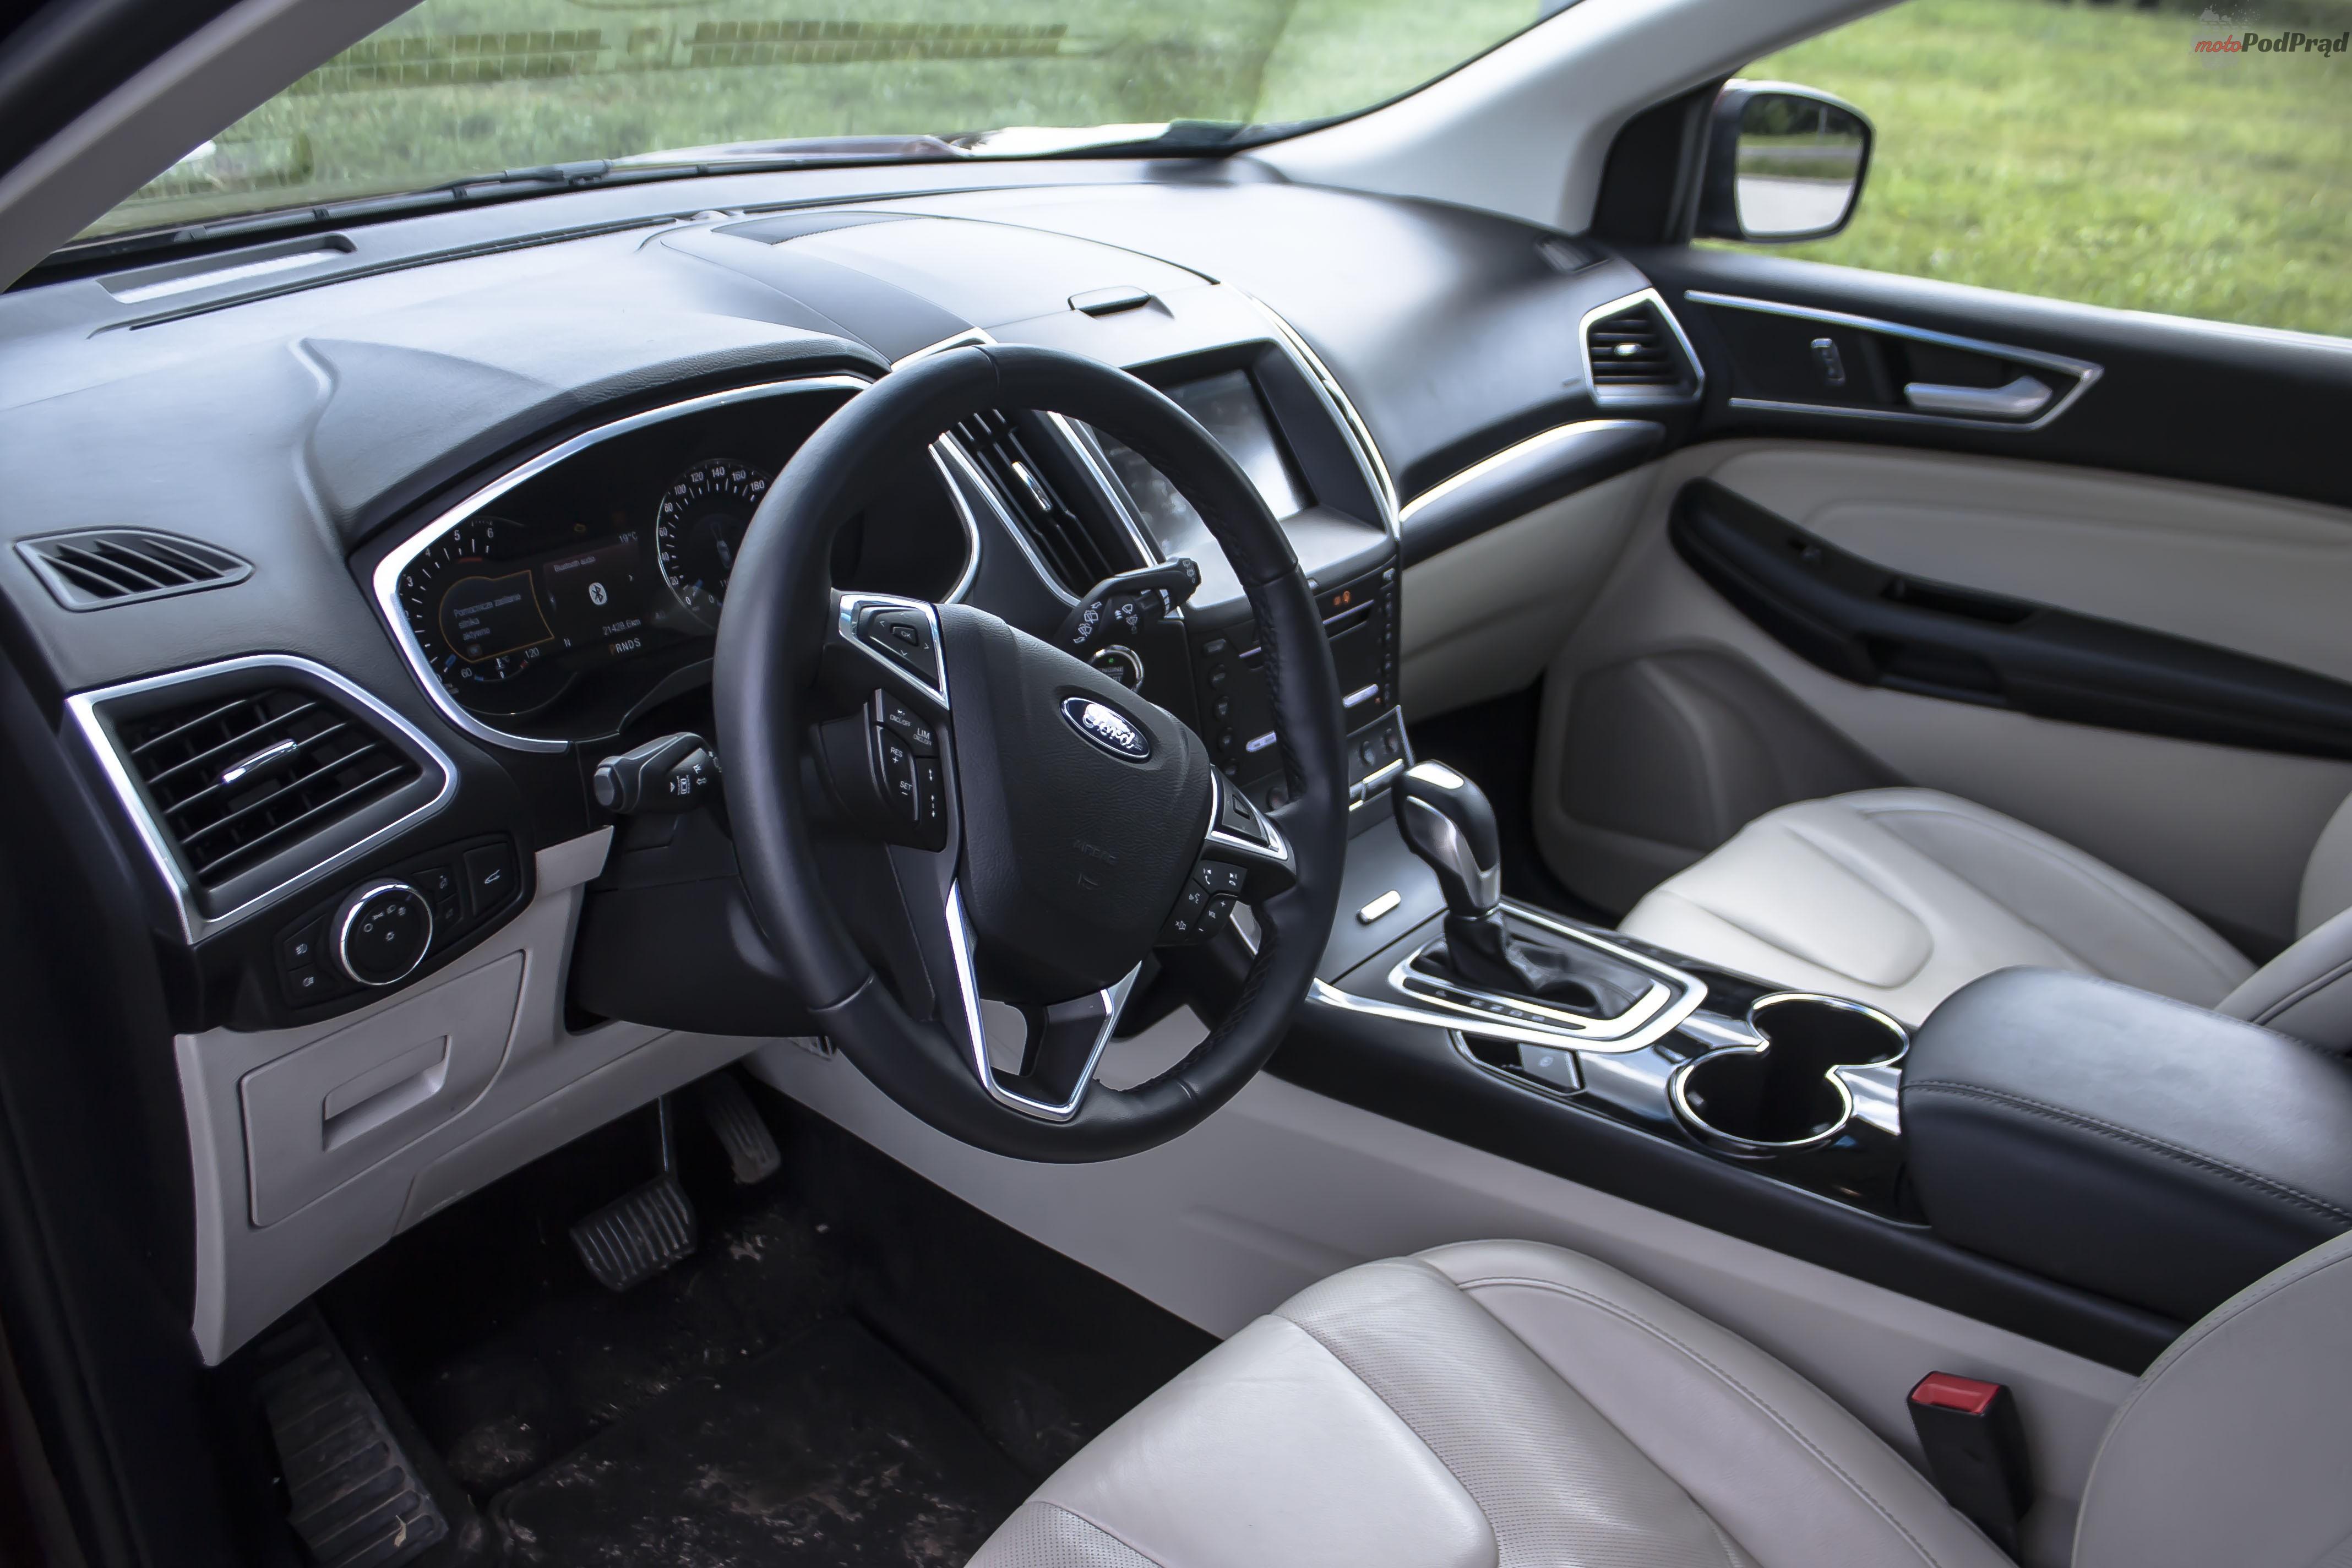 ford edge 17 Test: Ford Edge 2.0 TDCi   jazda na krawędzi